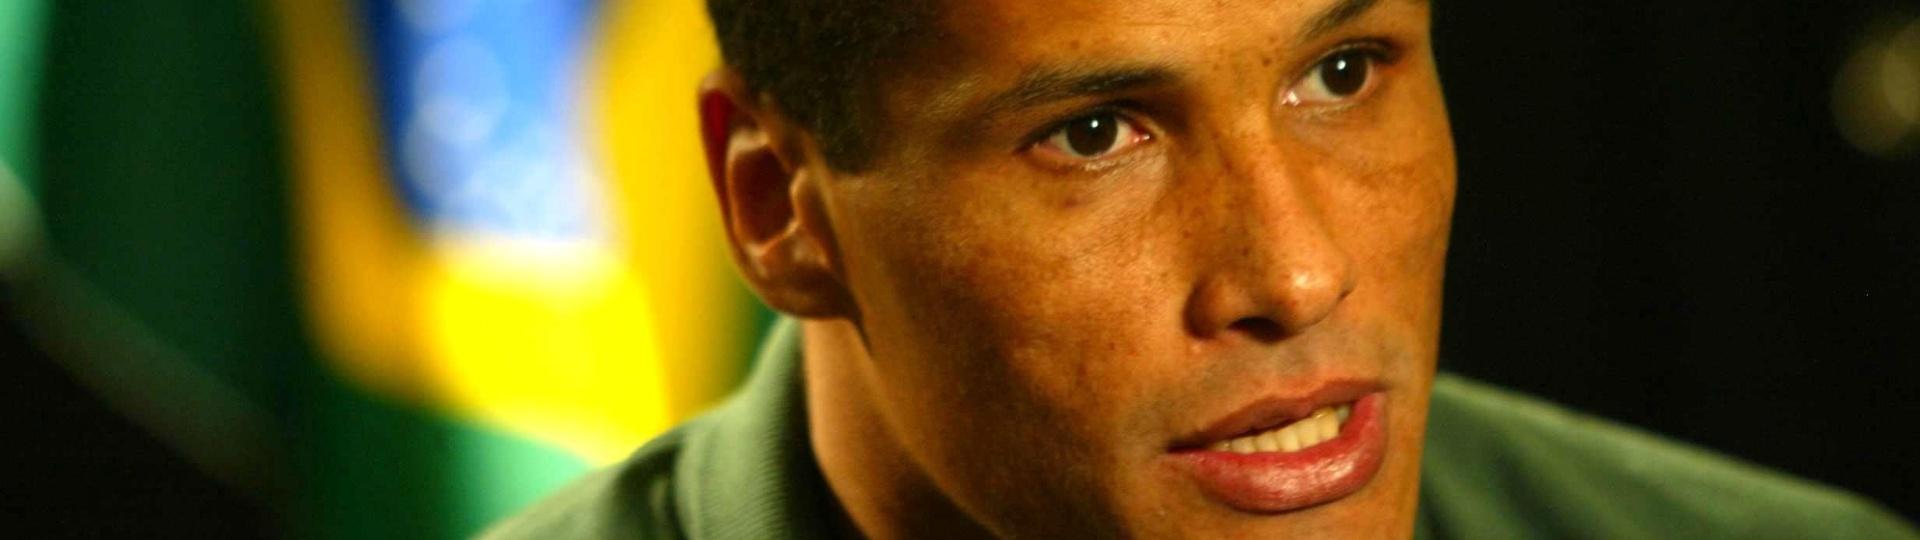 Rivaldo, meia da seleção brasileira, durante a Copa de 2002